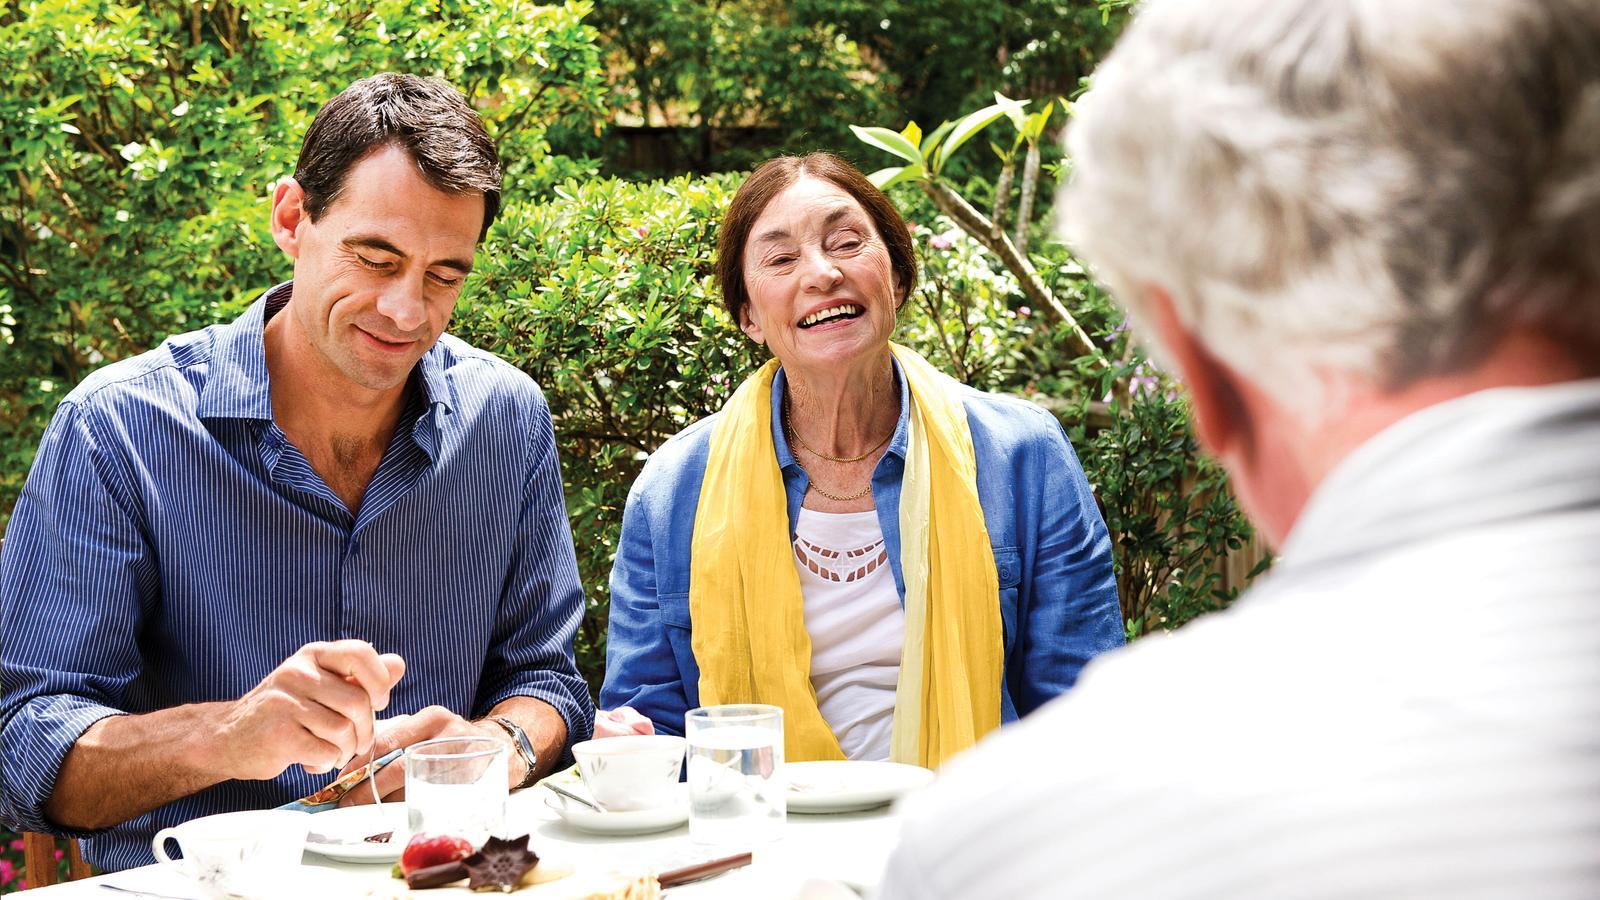 Tre vuxna äter tillsammans i trädgården